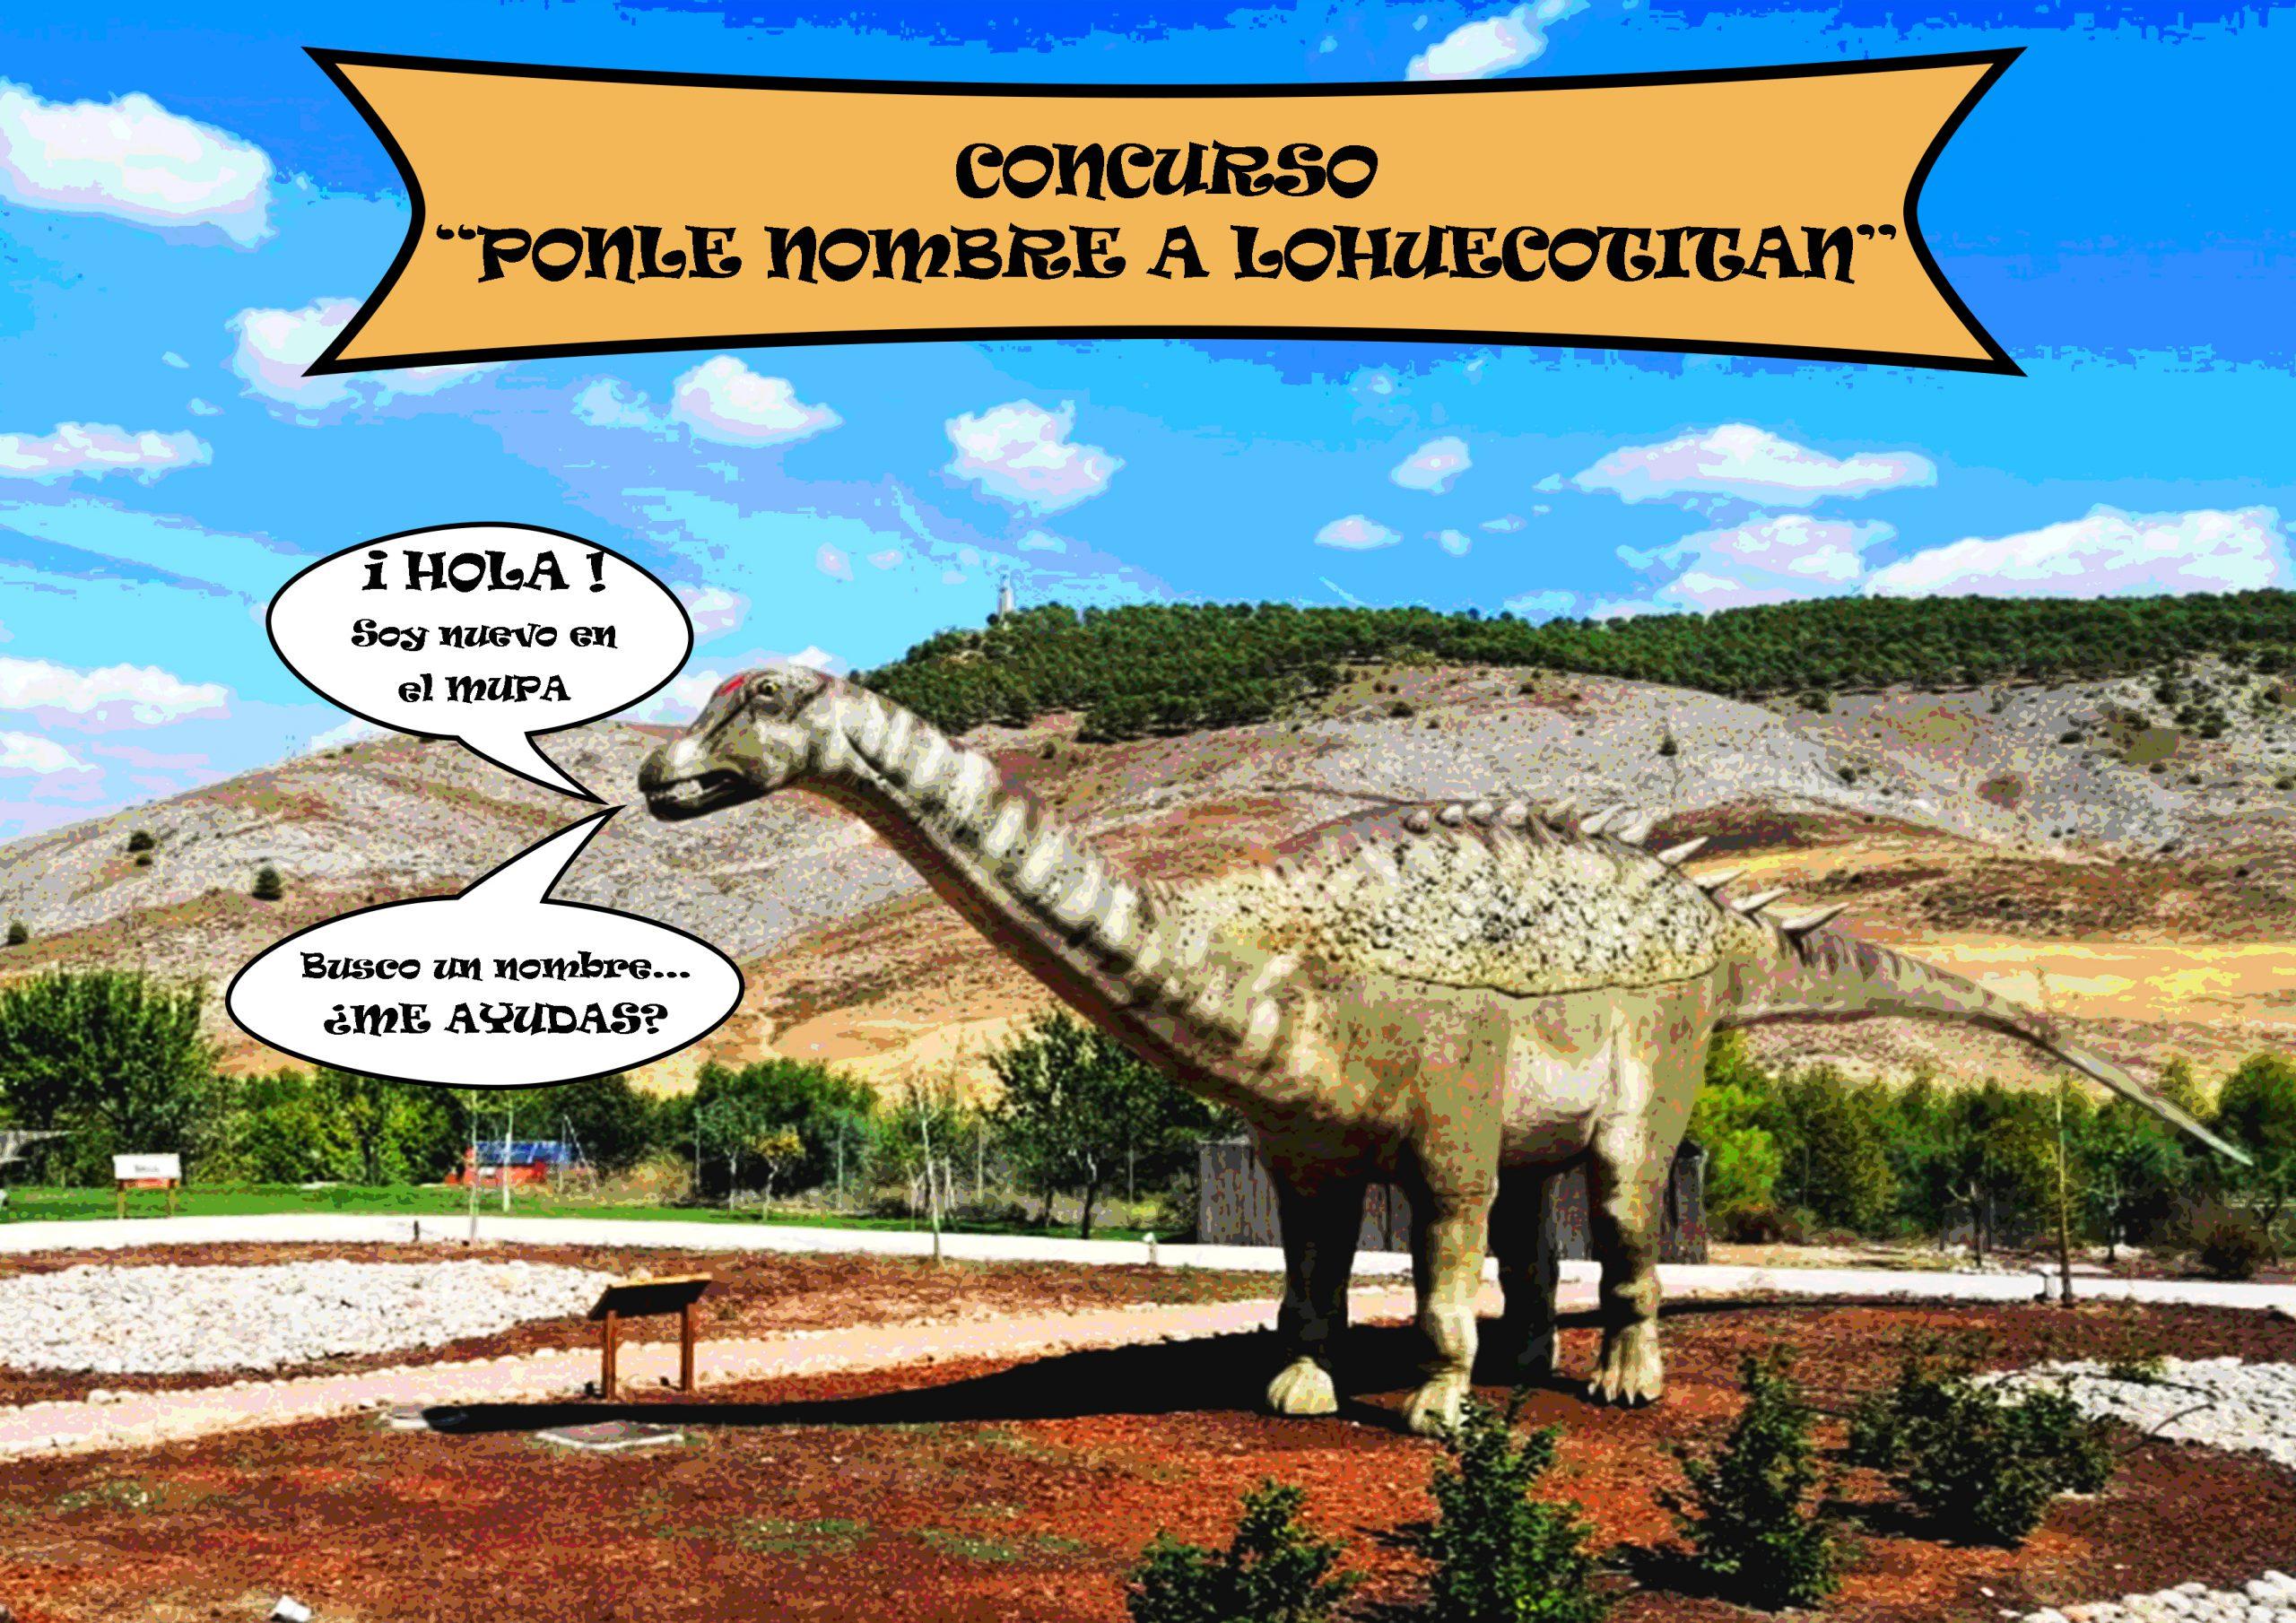 El Museo de Paleontología de C-LM lanza un concurso dirigido a los centros educativos de infantil y primaria de C-LM